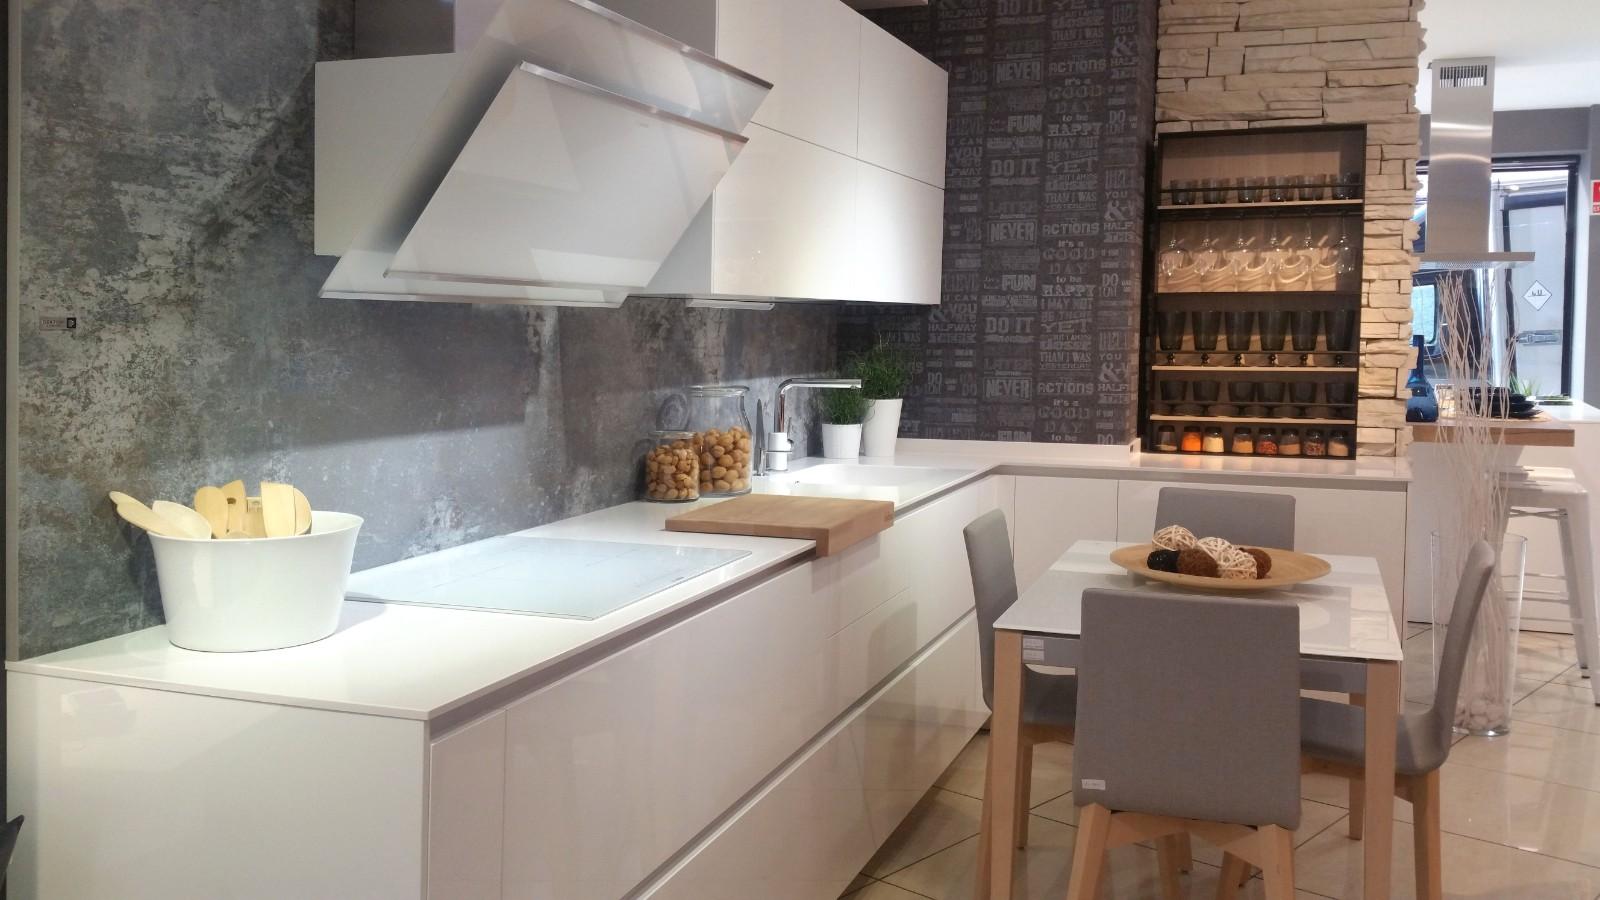 Modelo TECNOLUX de Arrital Cucine